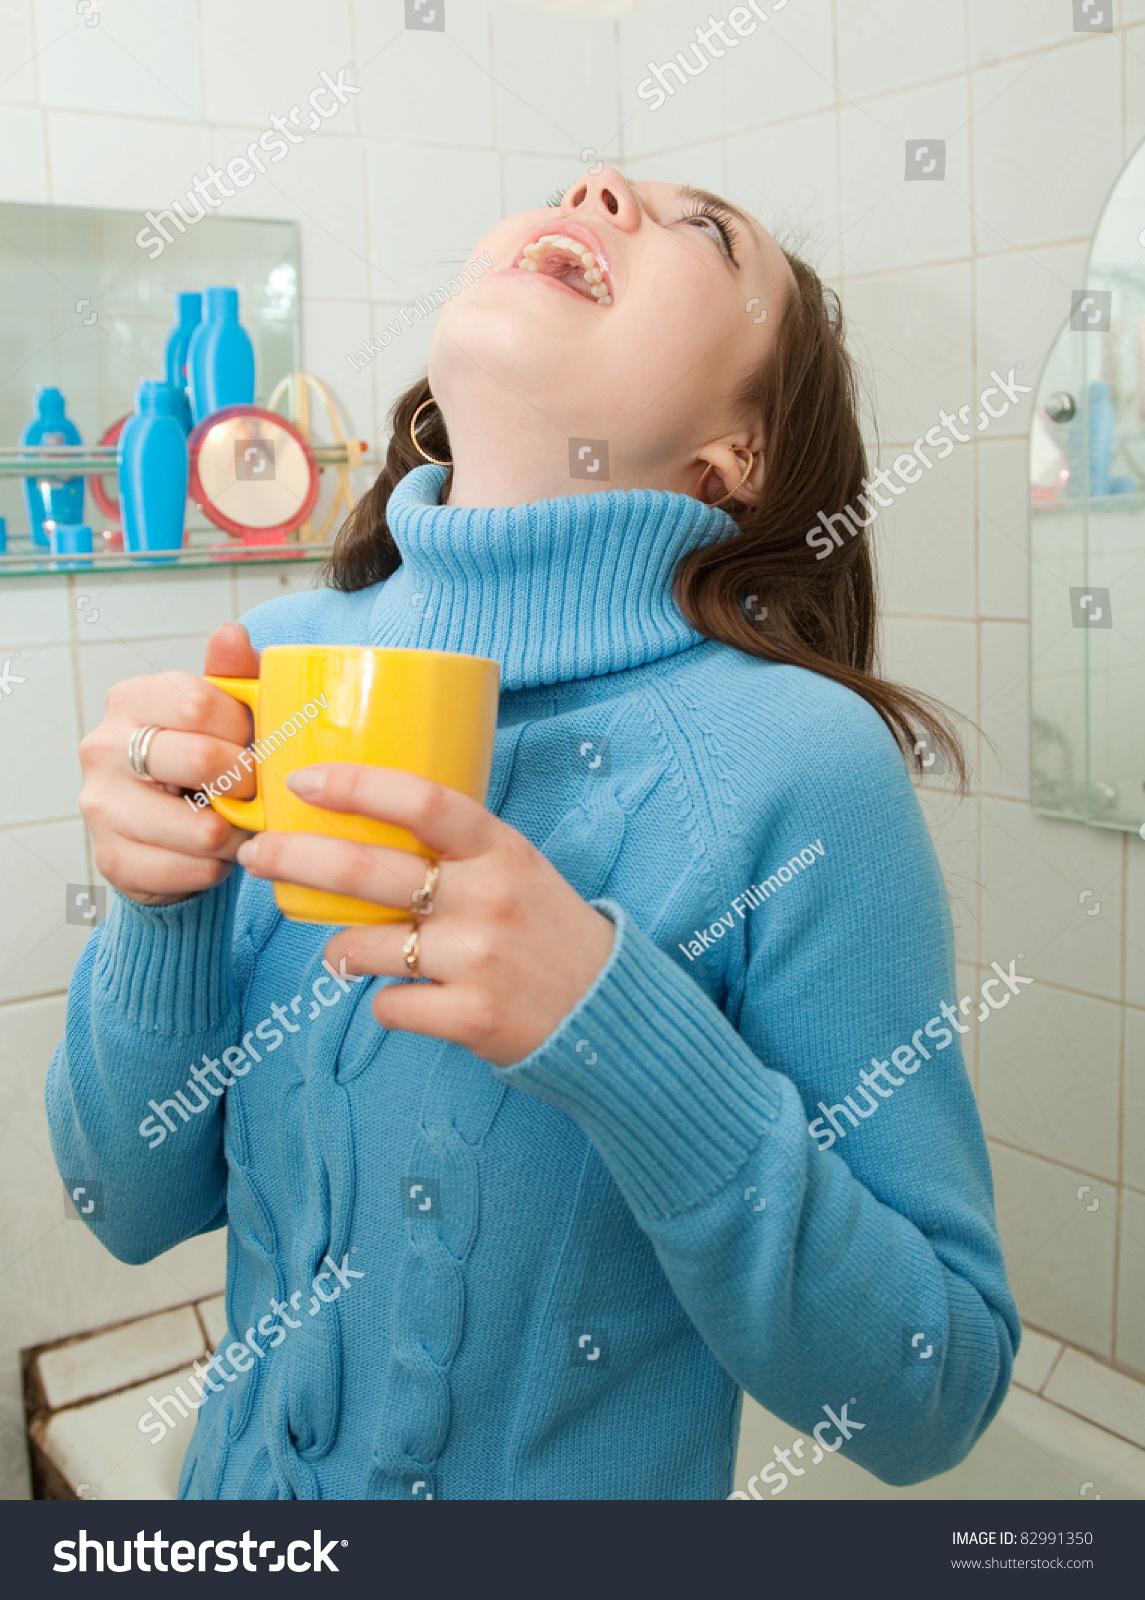 Как промыть миндалины в домашних условиях и убрать гной с